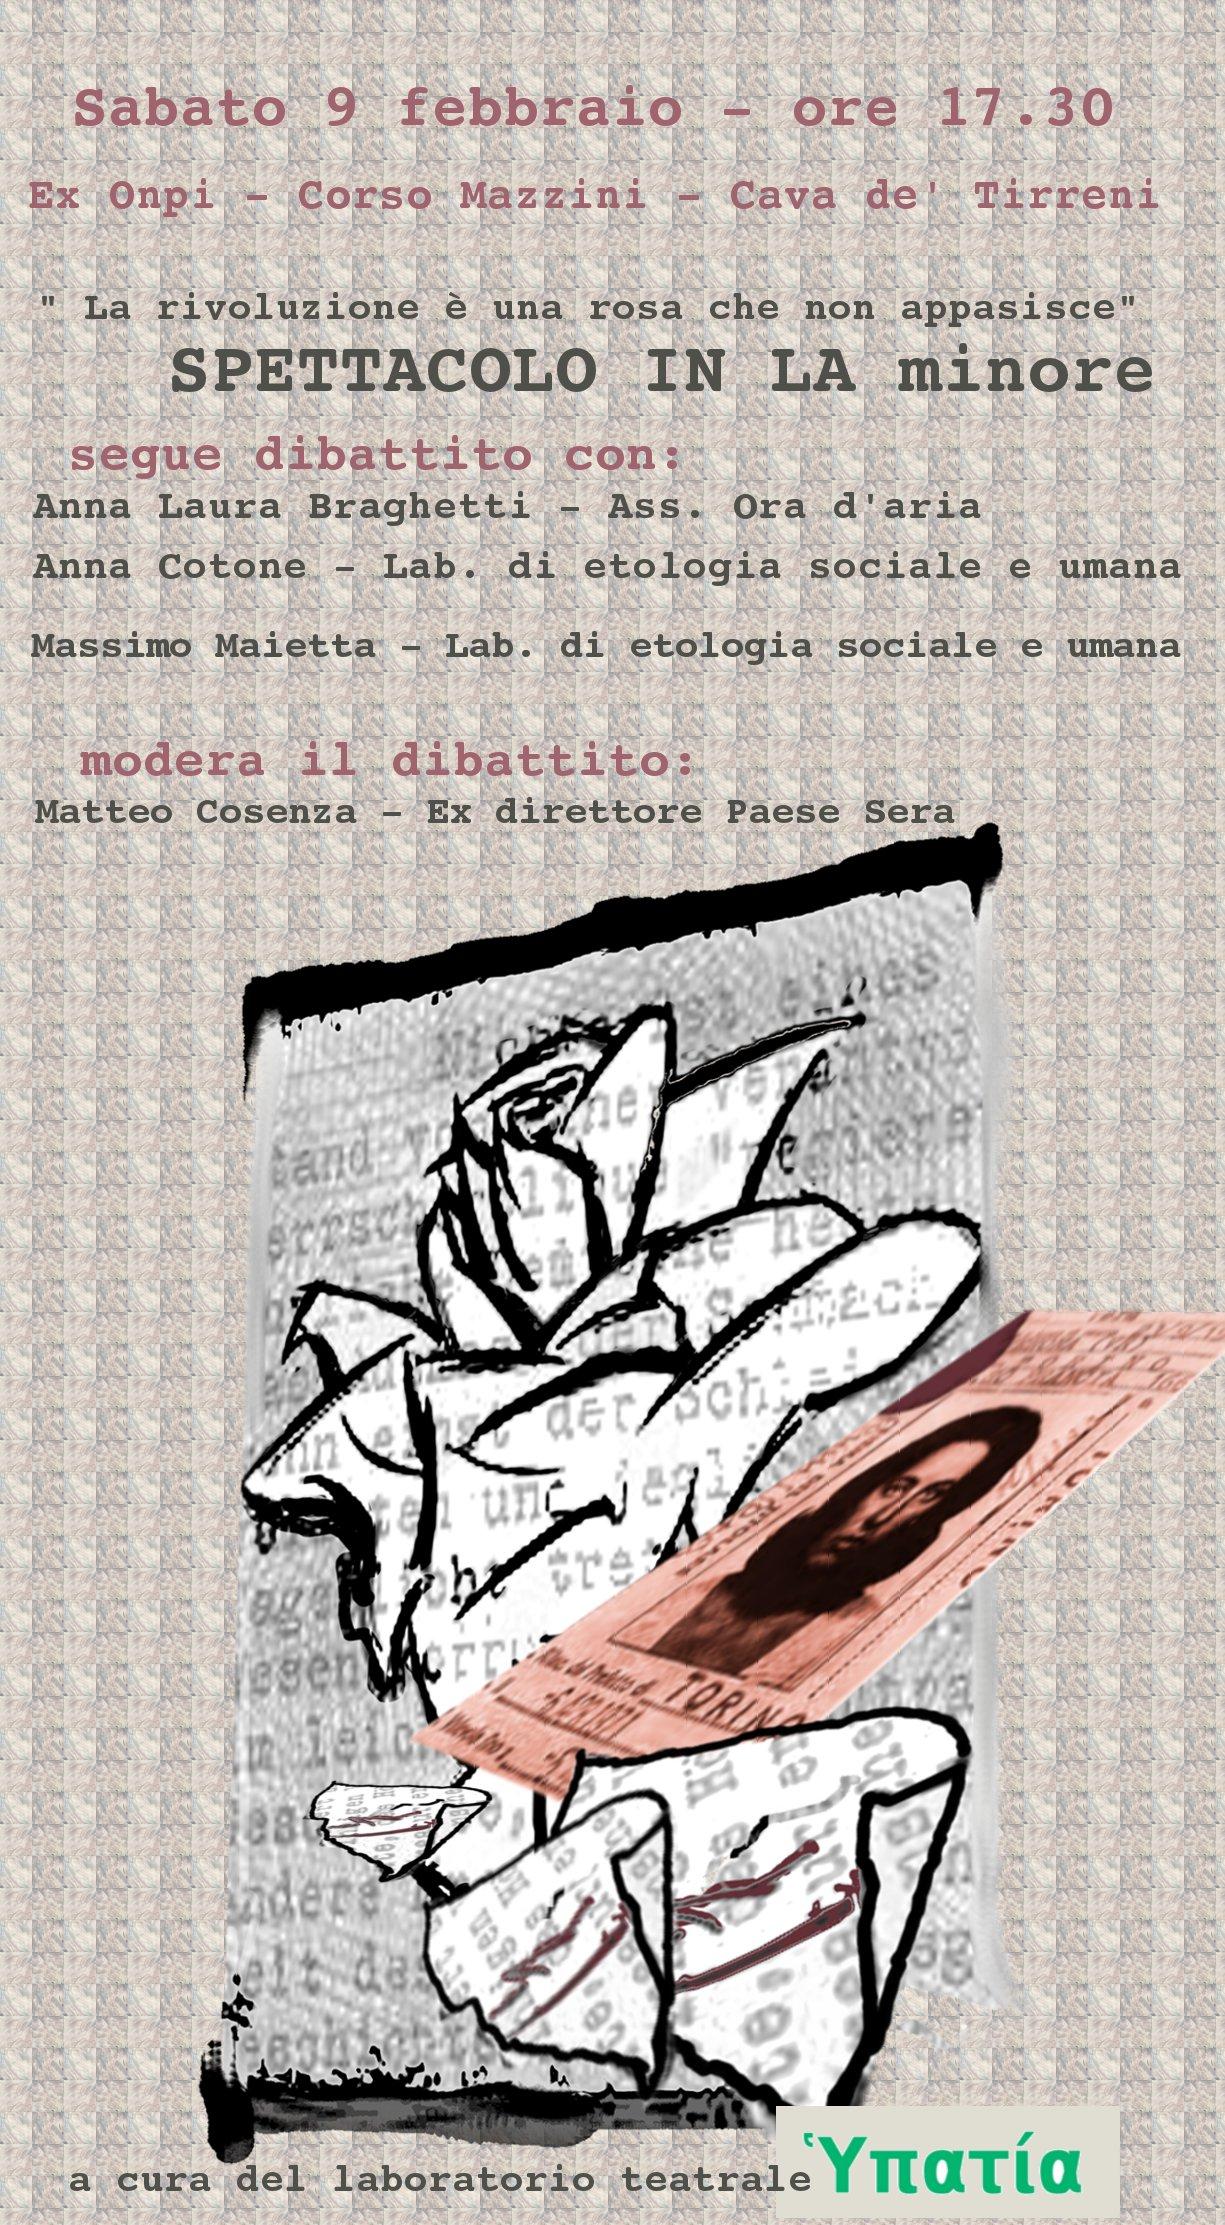 La rivoluzione è una rosa che non appasisce: spettacolo in La minore